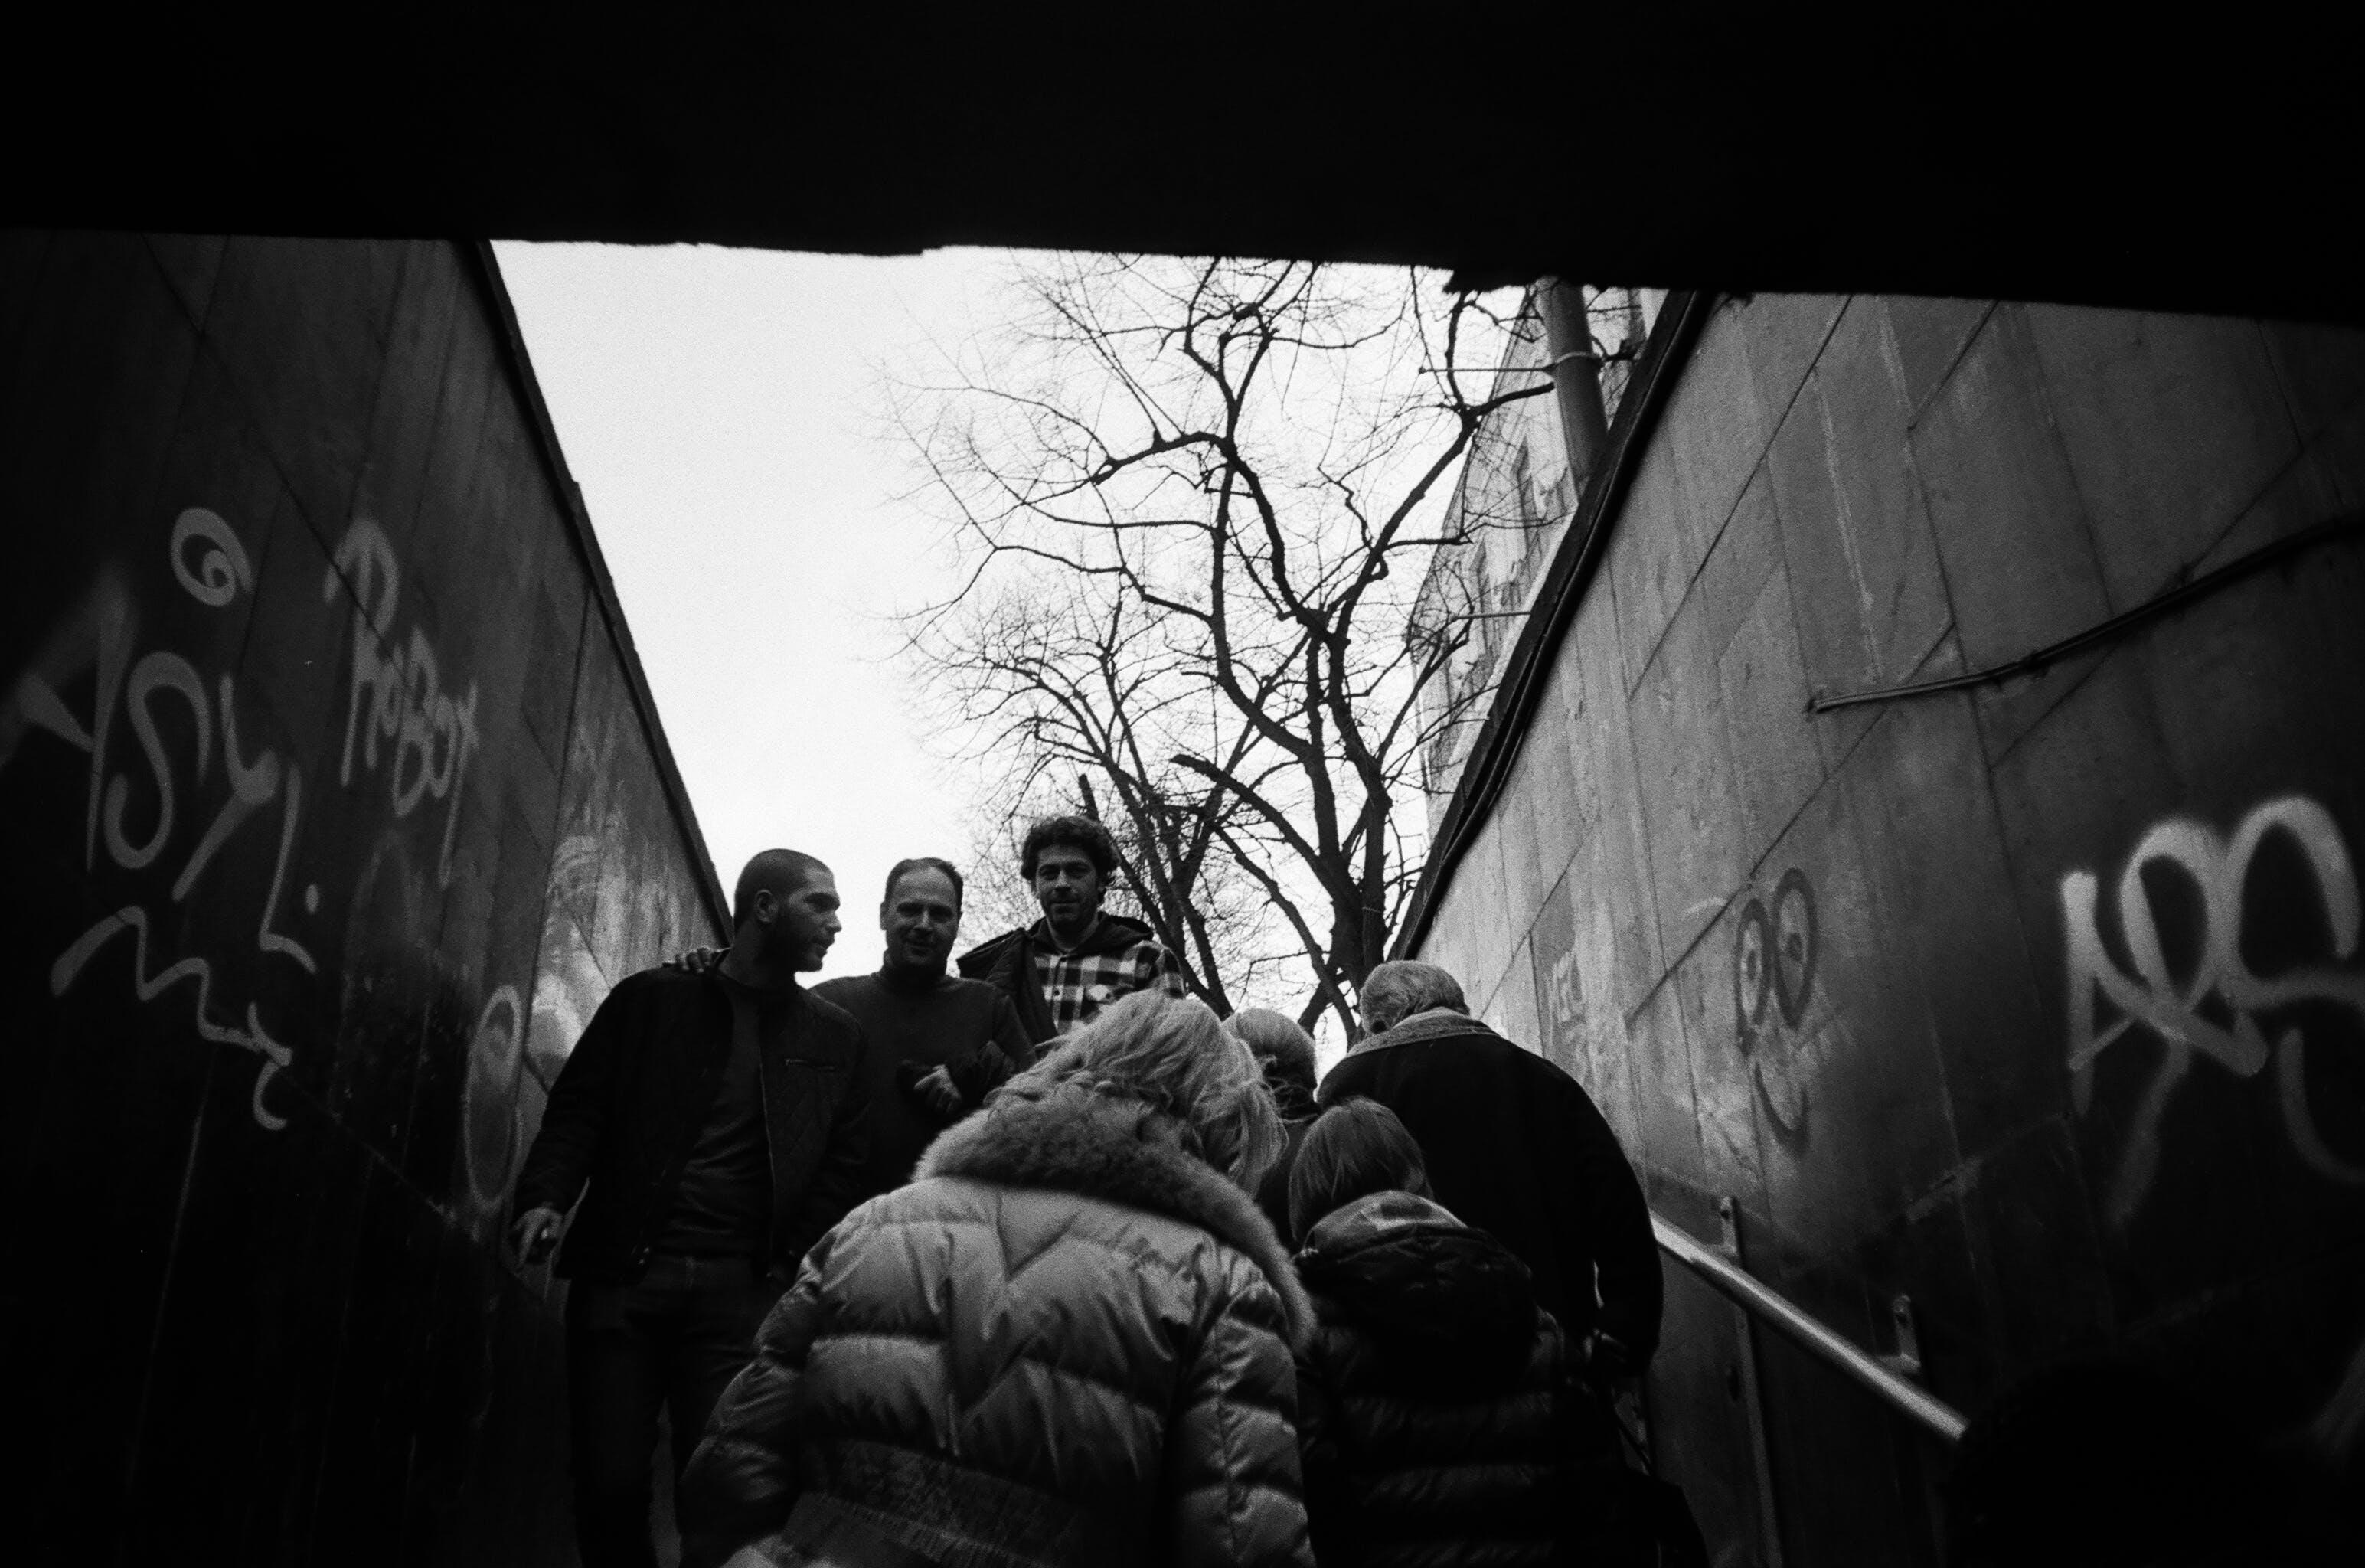 Kostenloses Stock Foto zu schwarz und weiß, menschen, graffiti, männer